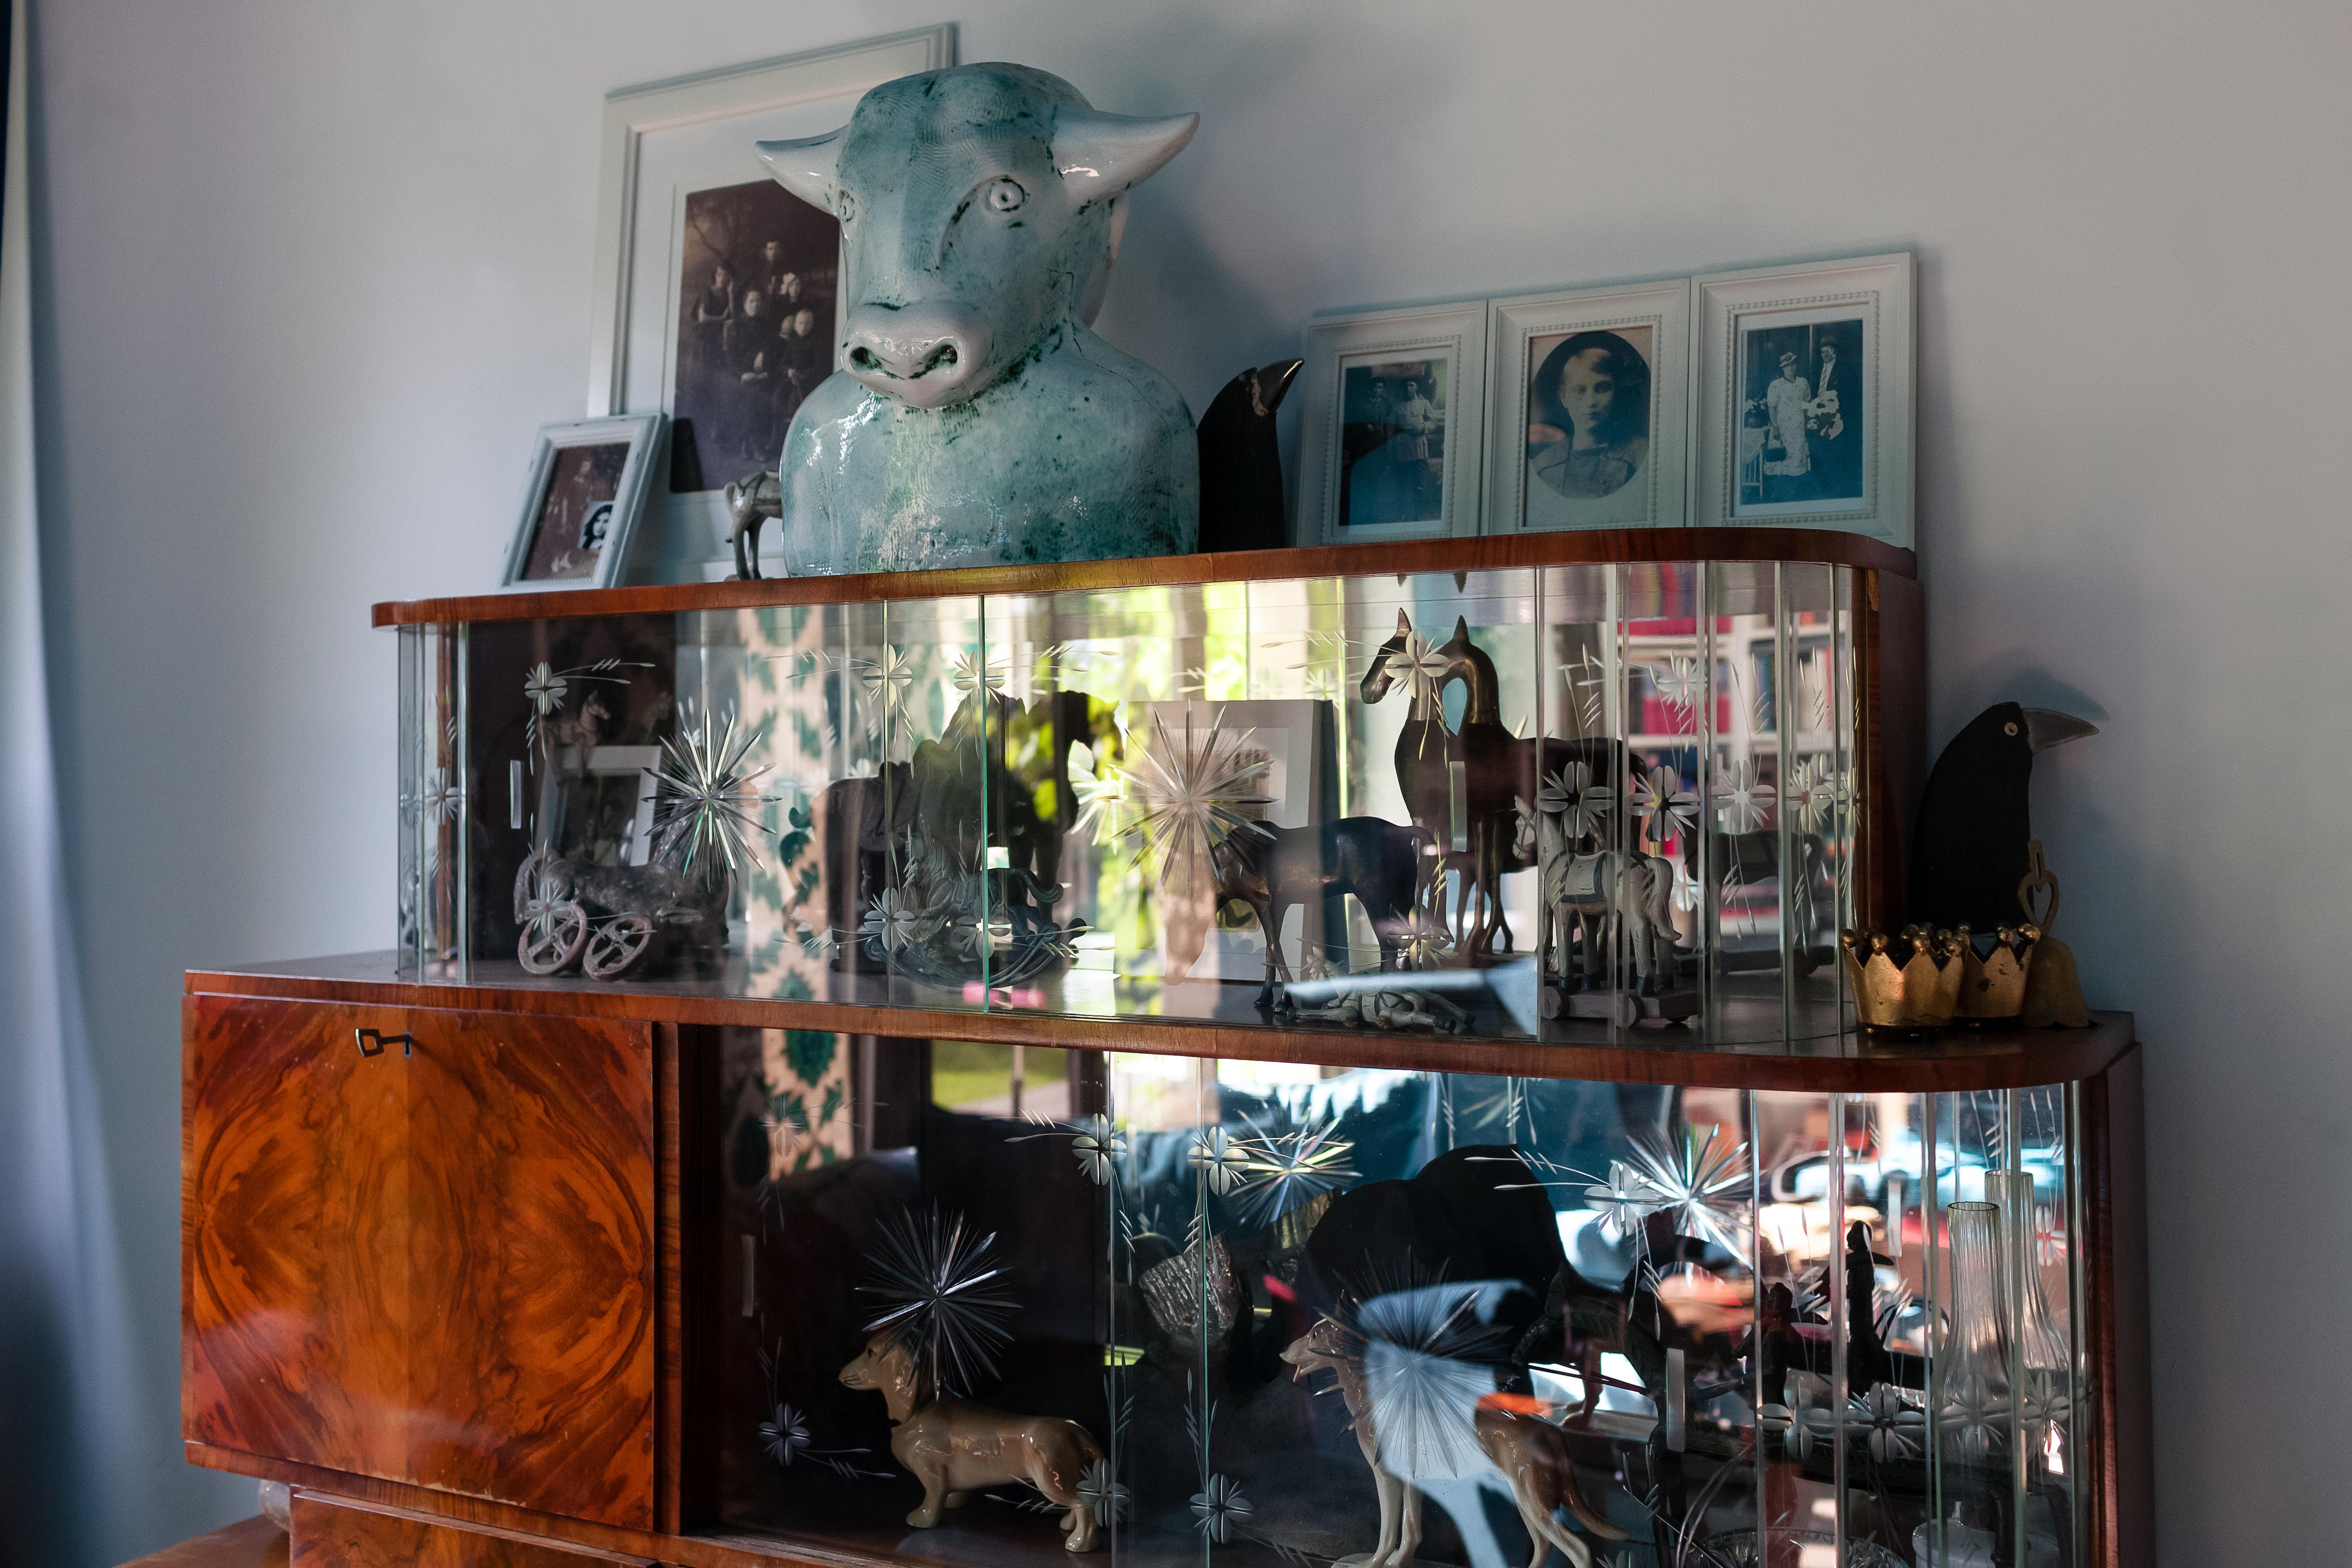 Piękny kredens w stylu Art Deco, który stanowi wystrój wnętrza domu Artystki.